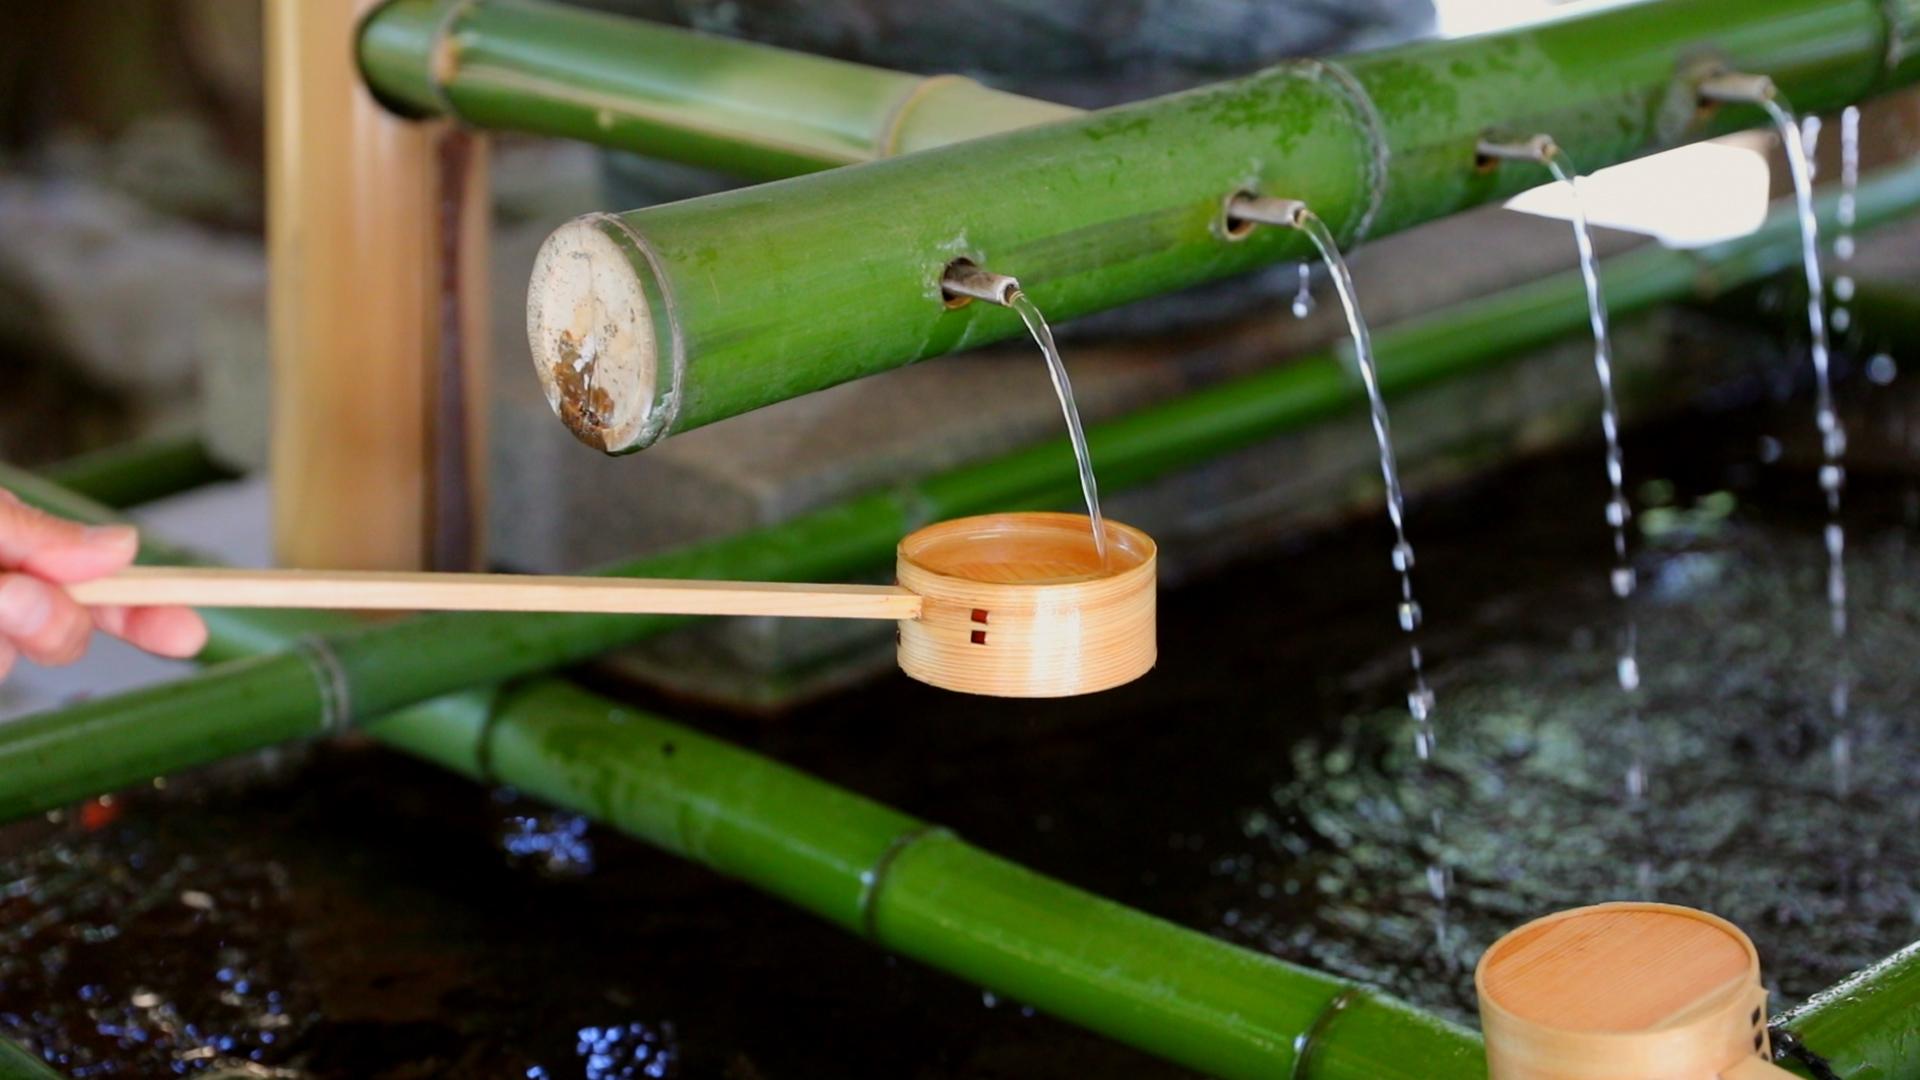 В ранните дни на шинтоизма не е имало шинтоистски светилища. Поклонниците се събирали и изпълнявали обикновени обреди близо до свещени предмети като дърветата сакаки, които днес присъстват във всеки храм.